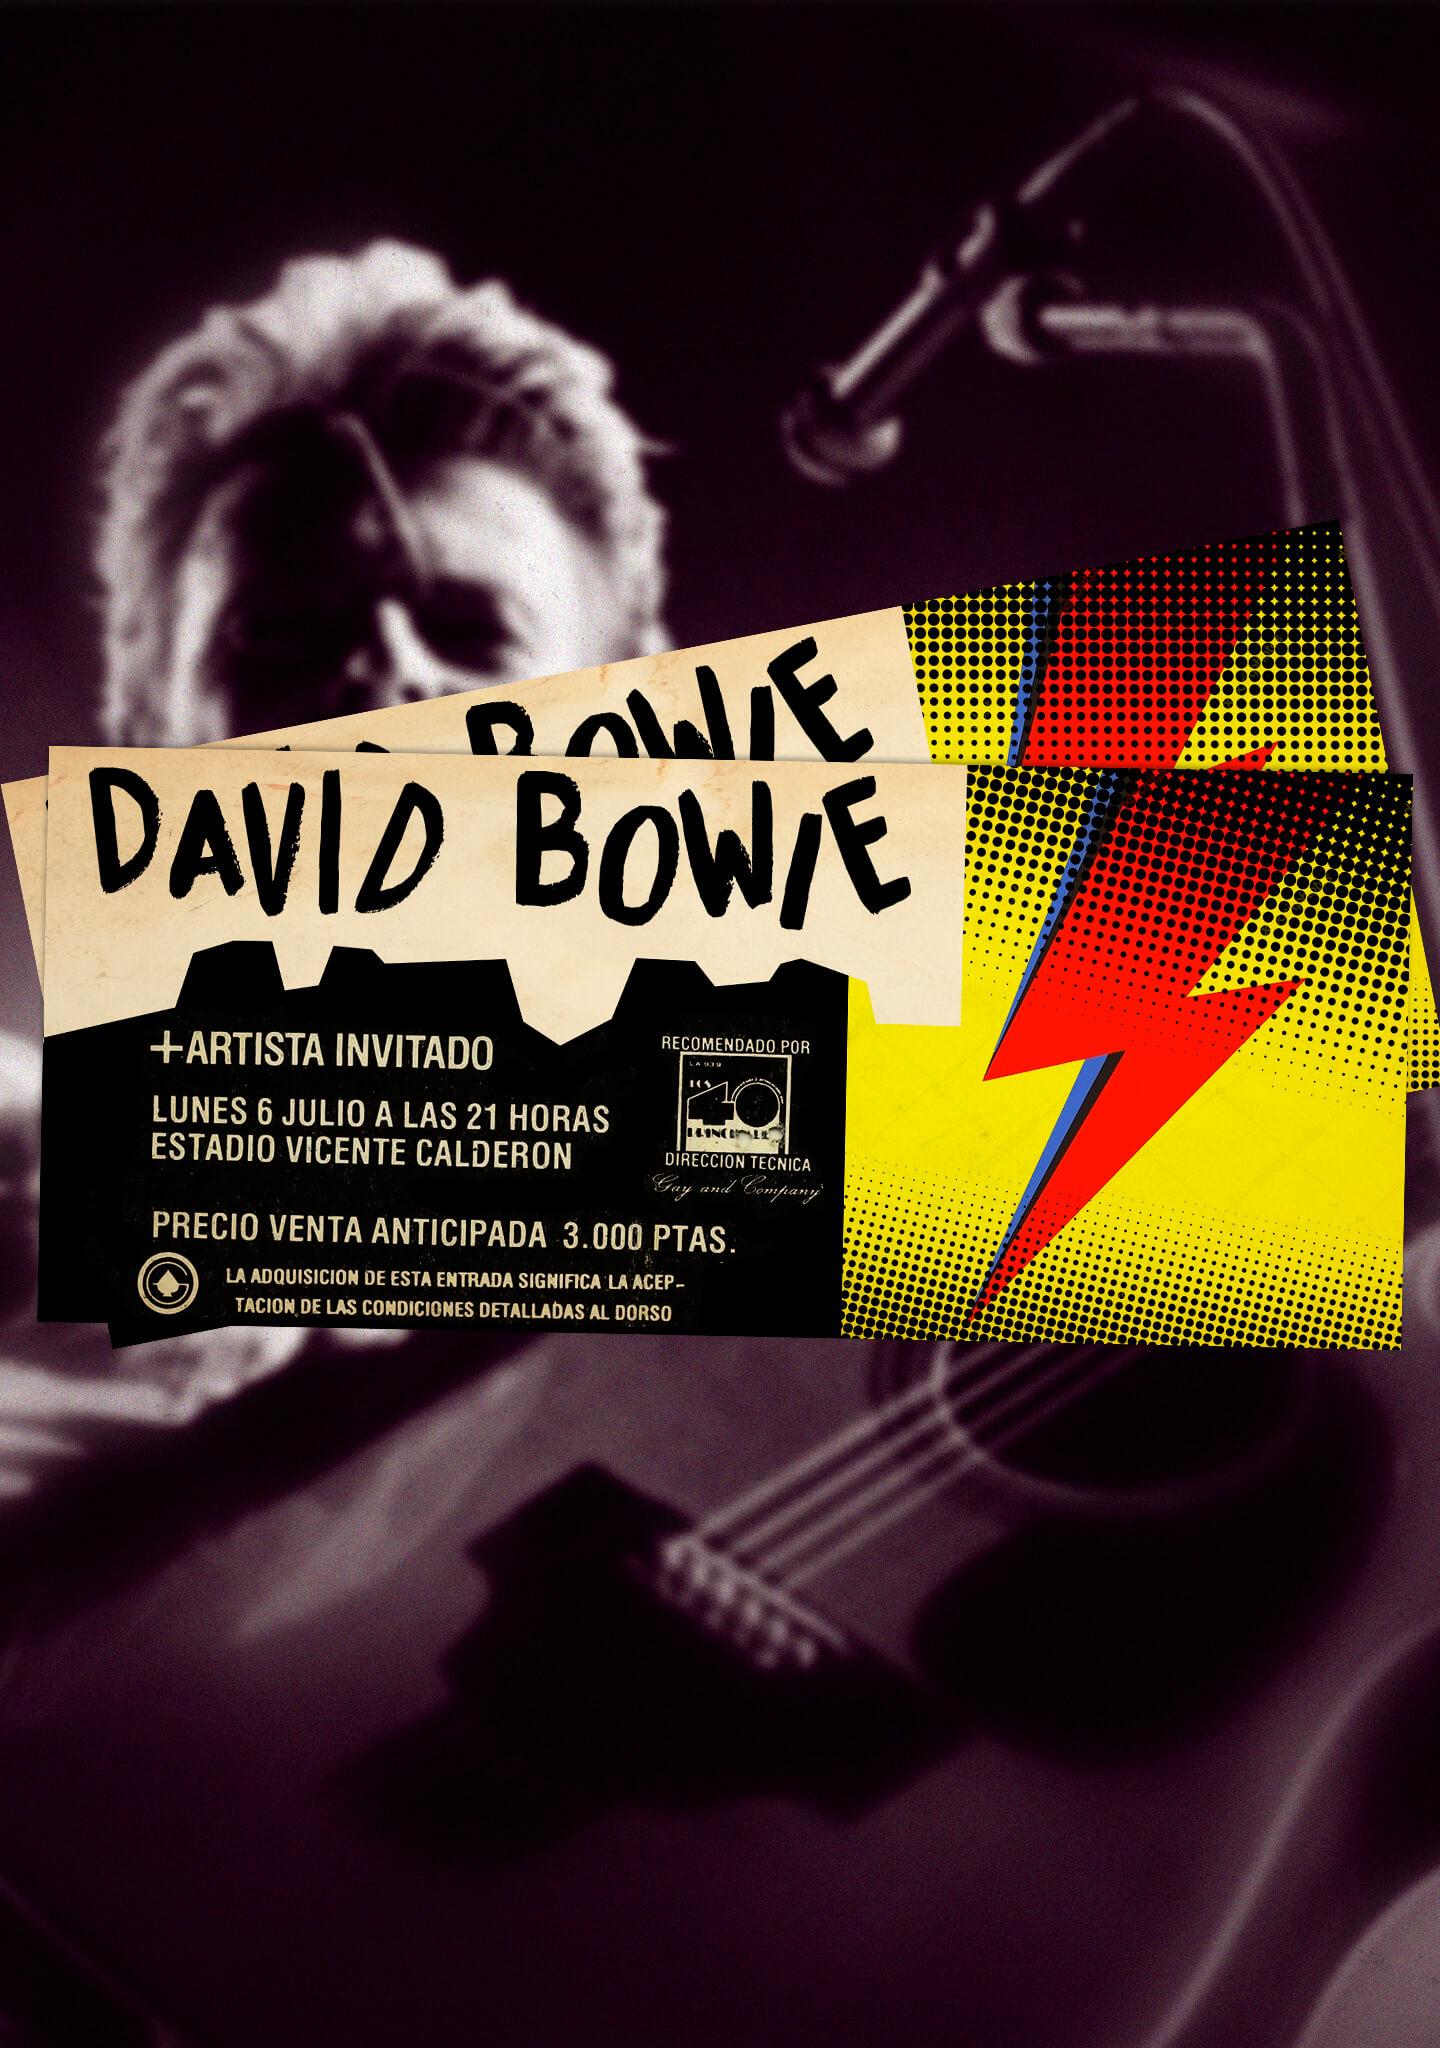 El concierto de un icono de la música, David Bowie